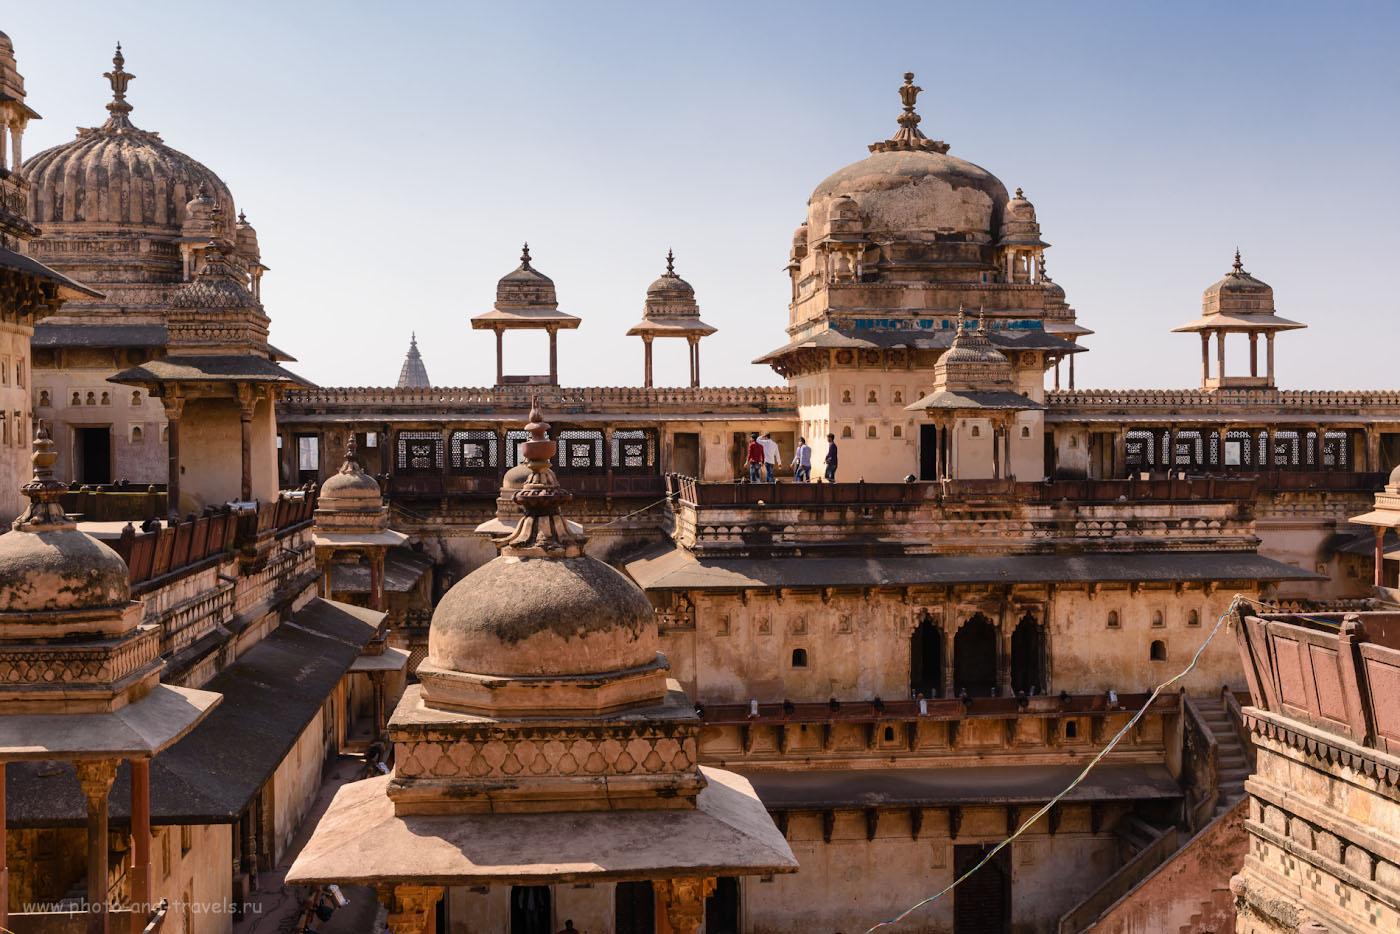 Фотография 8. Экскурсия в Джахангир-Махал в Орчхе. Прикоснись к Средневековью.